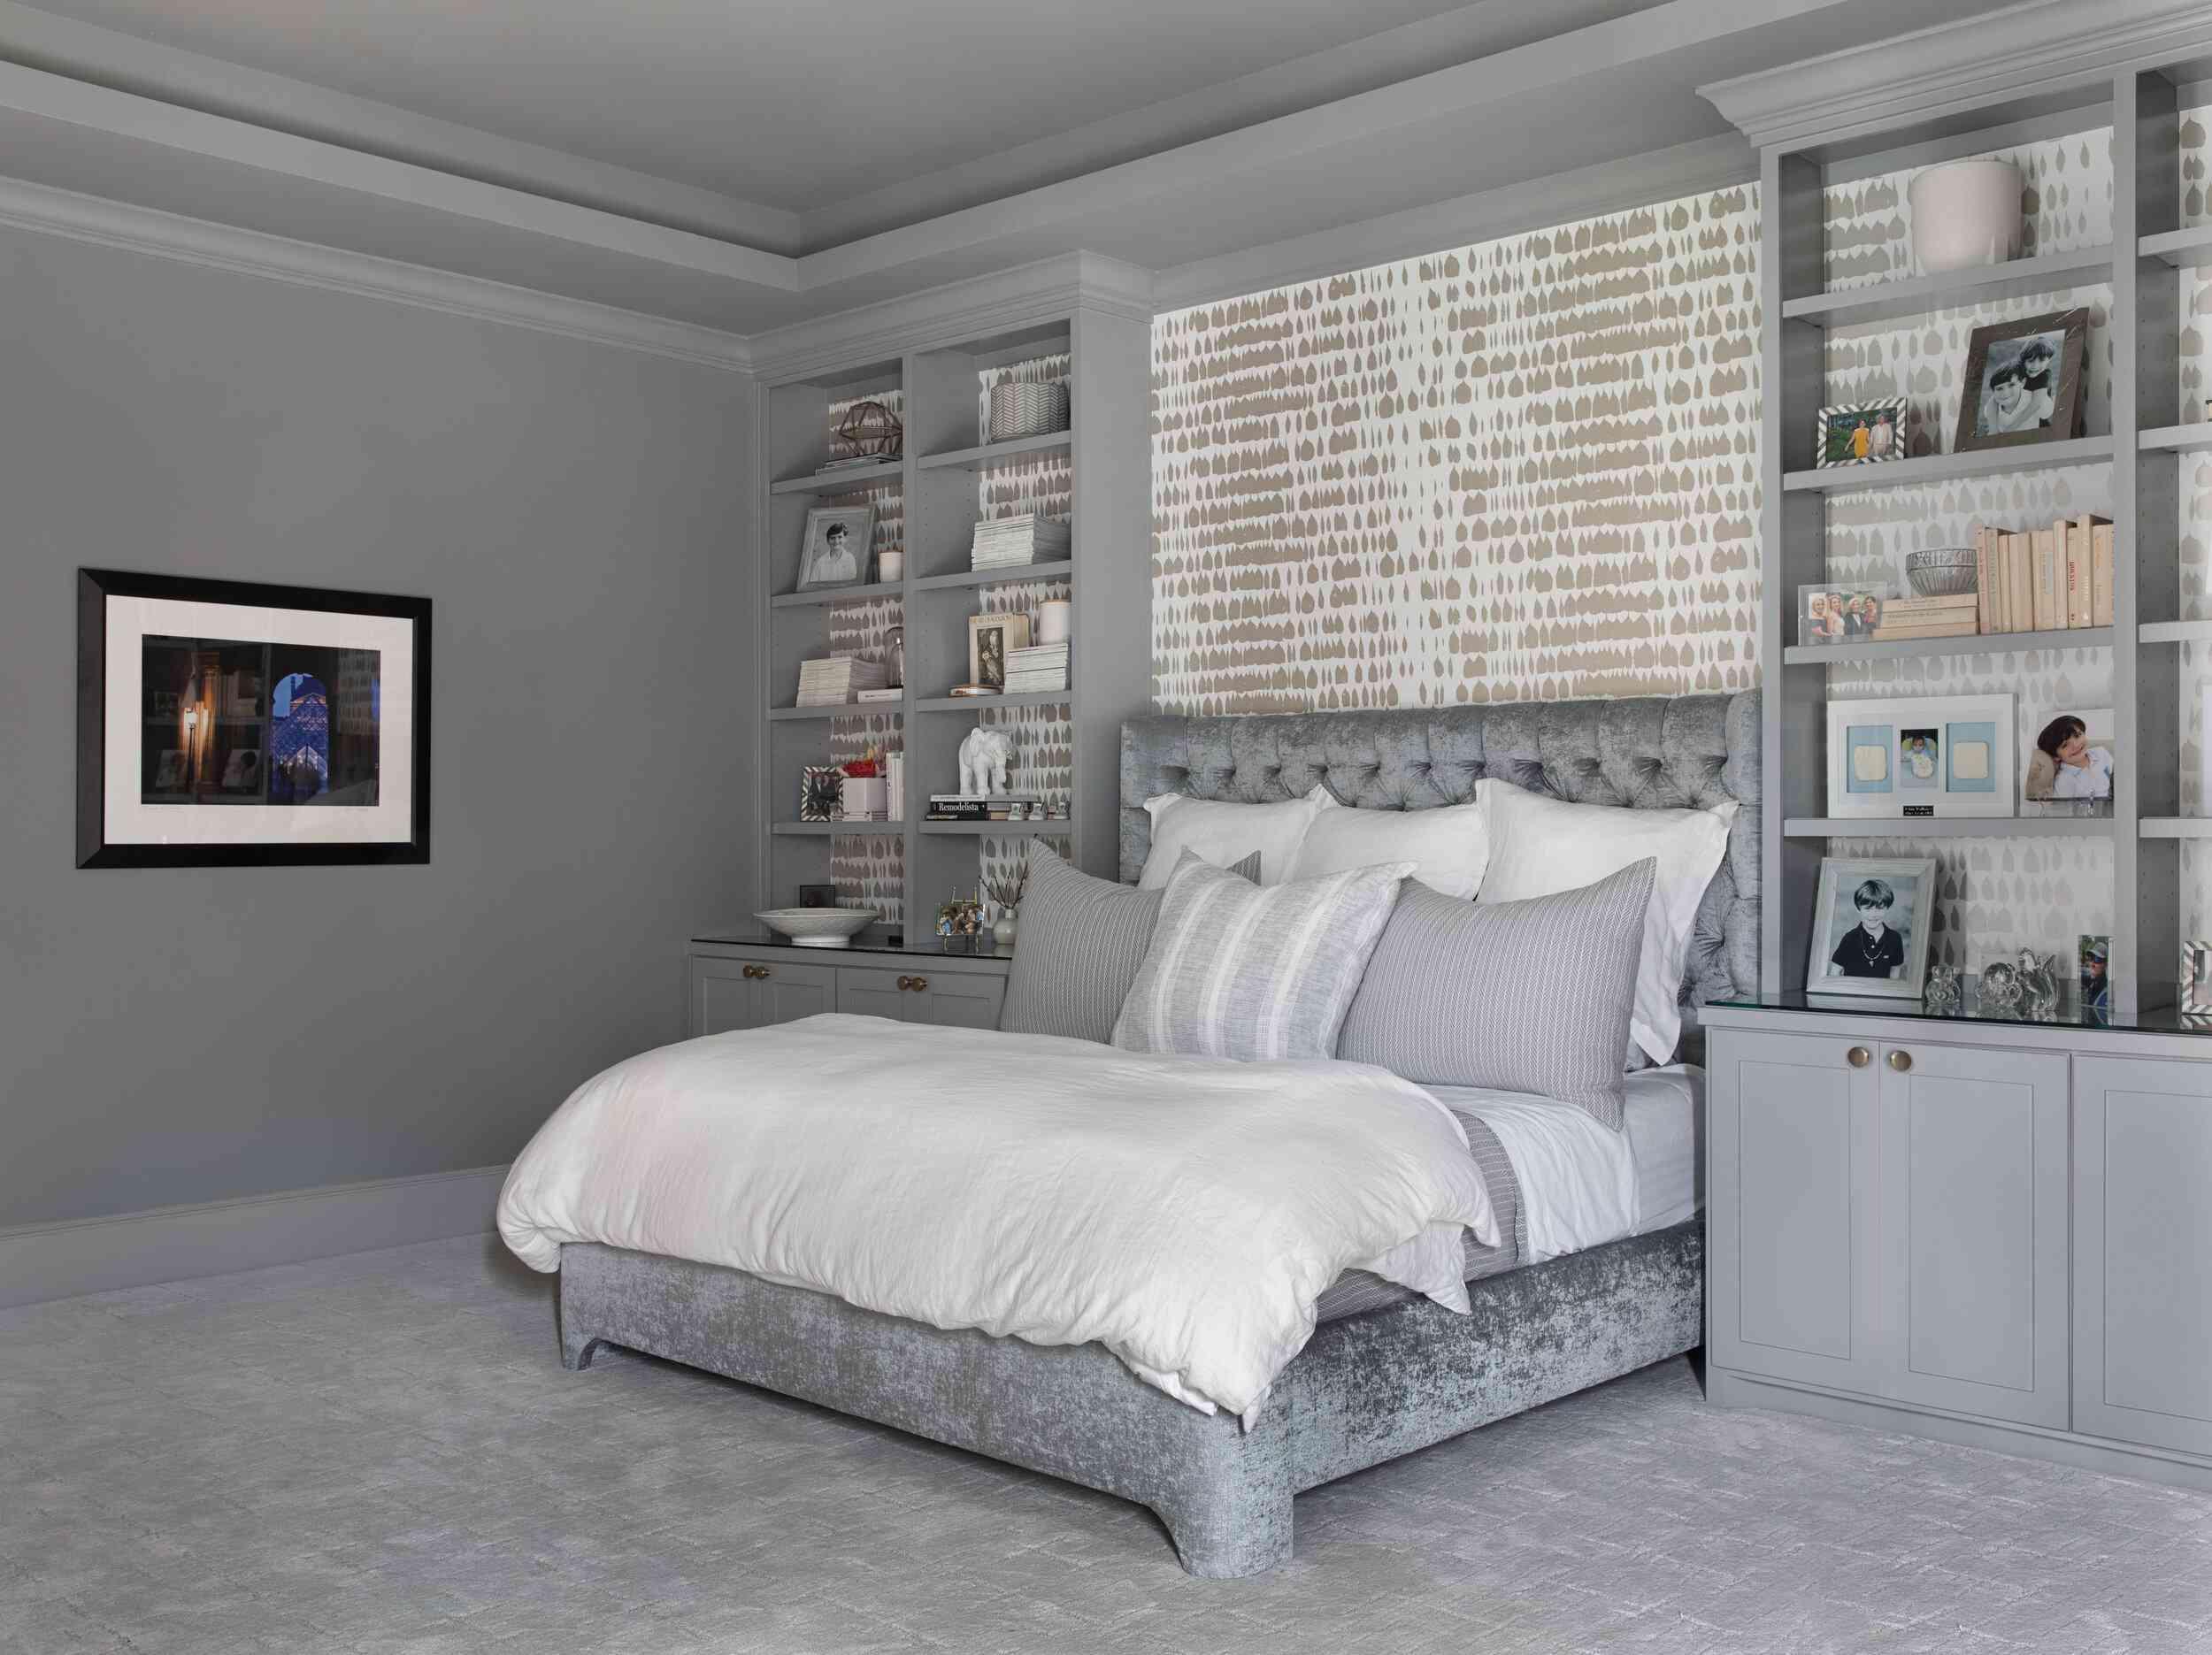 gray monochrome bedroom with built in bookshelves